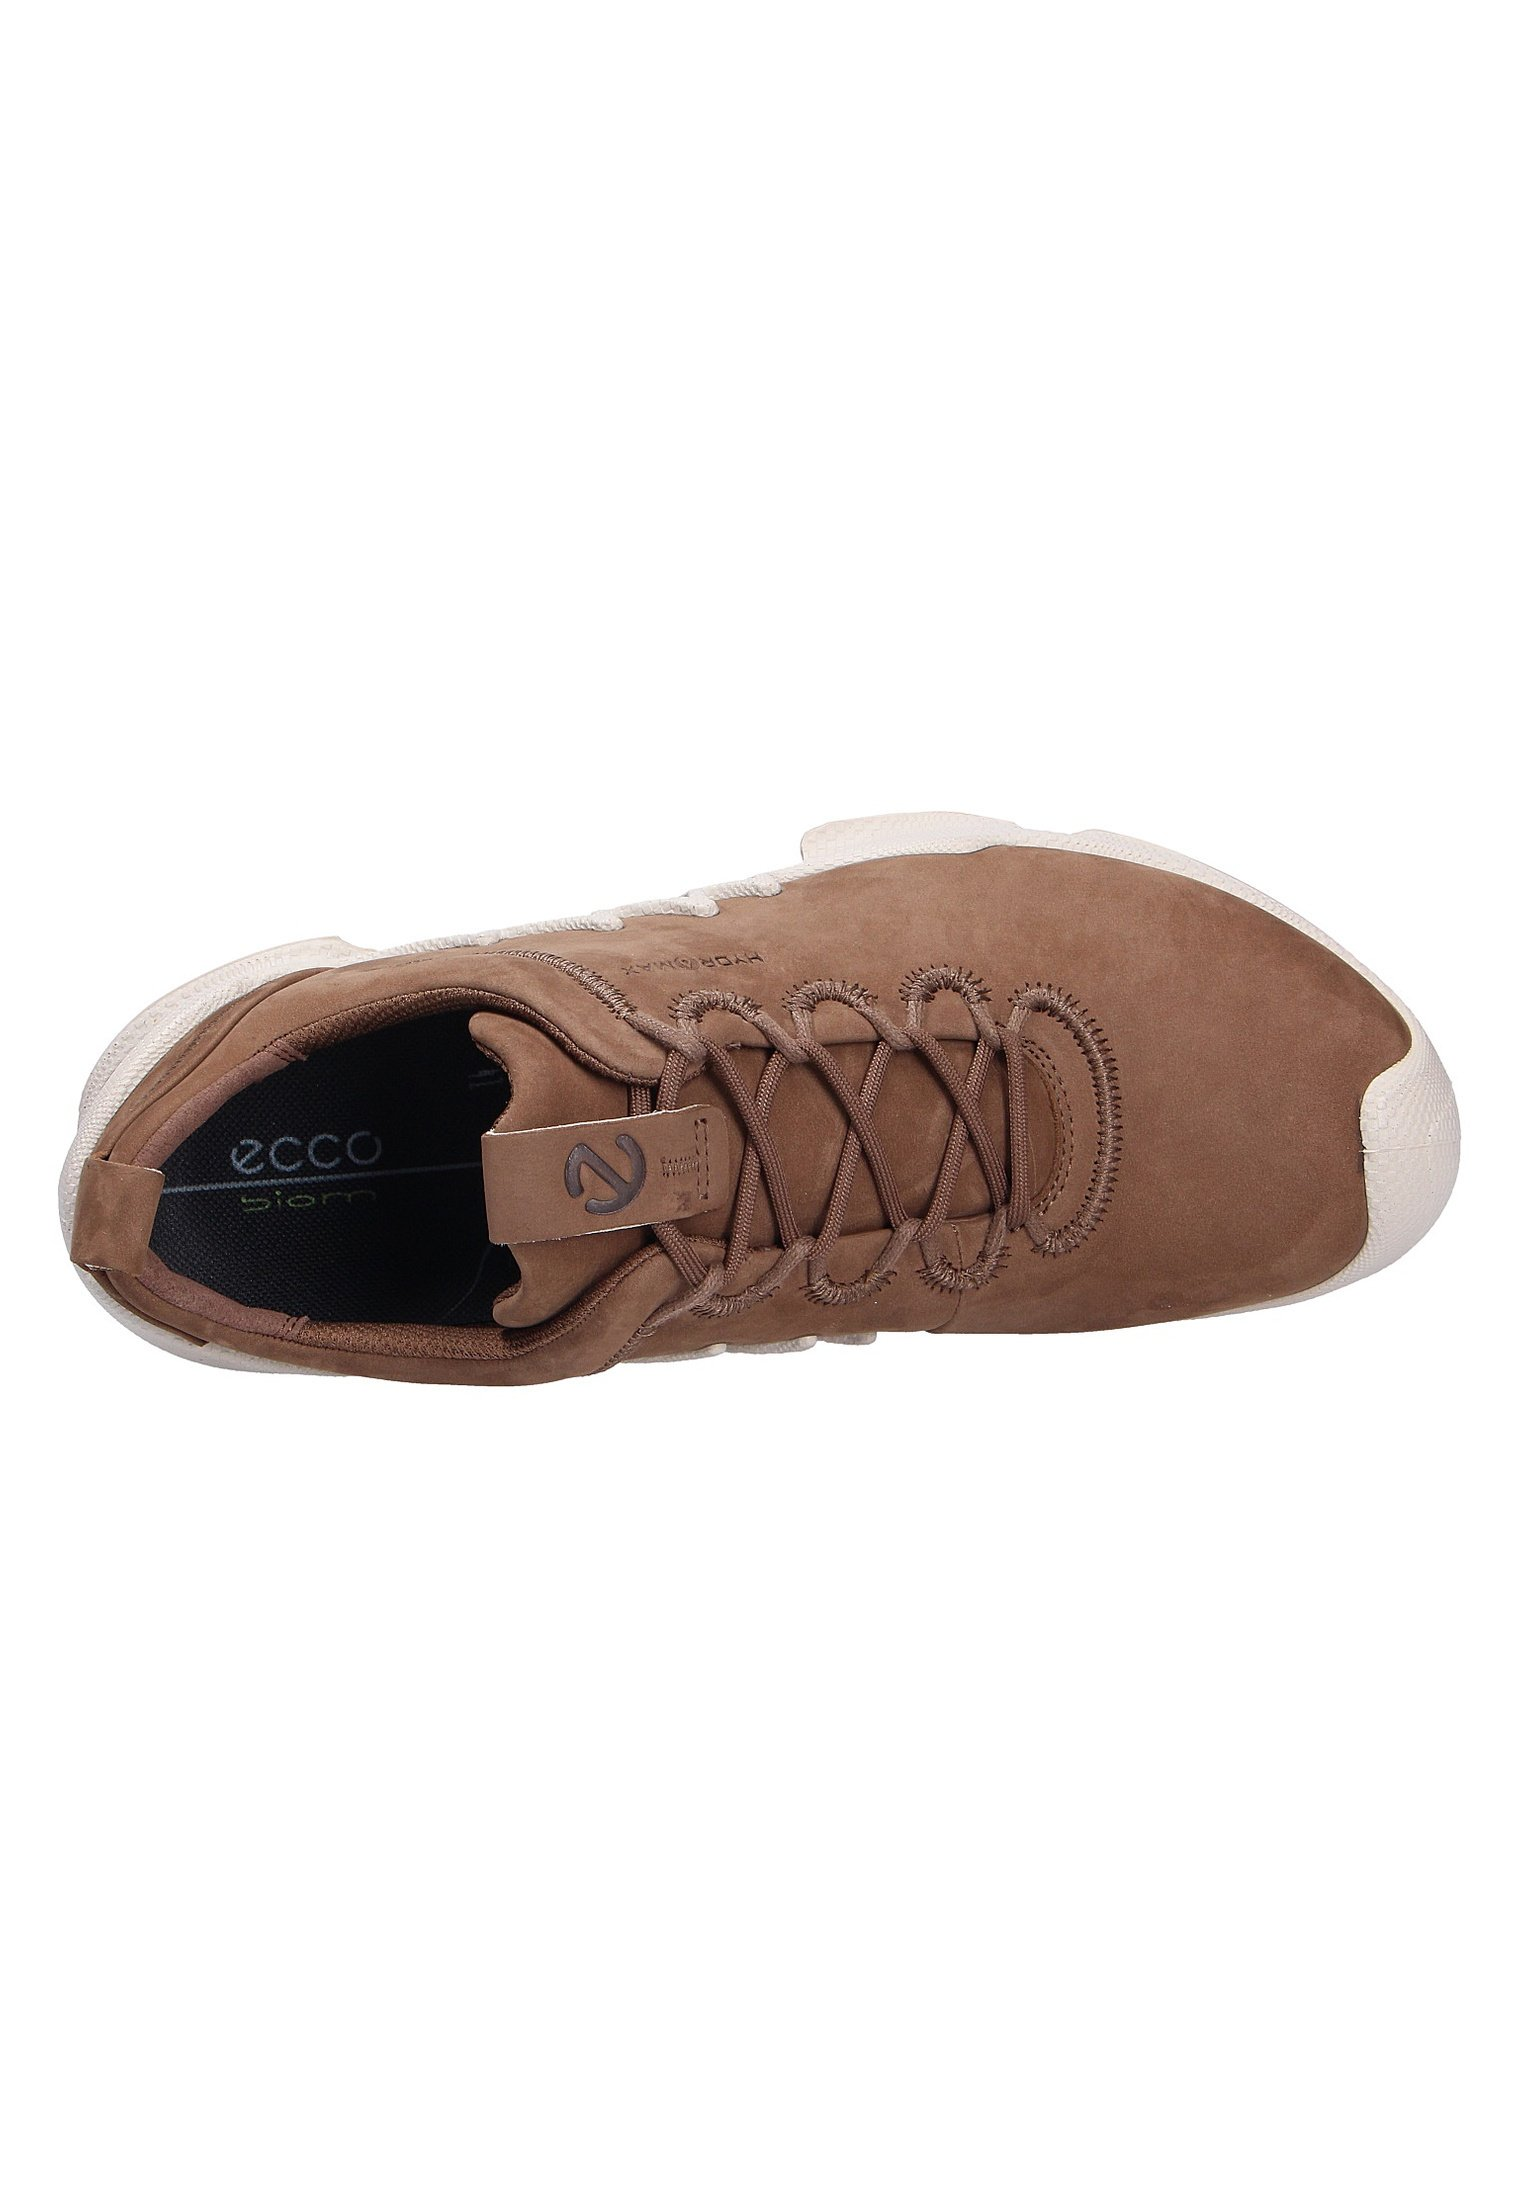 Homme Chaussures à lacets - birch